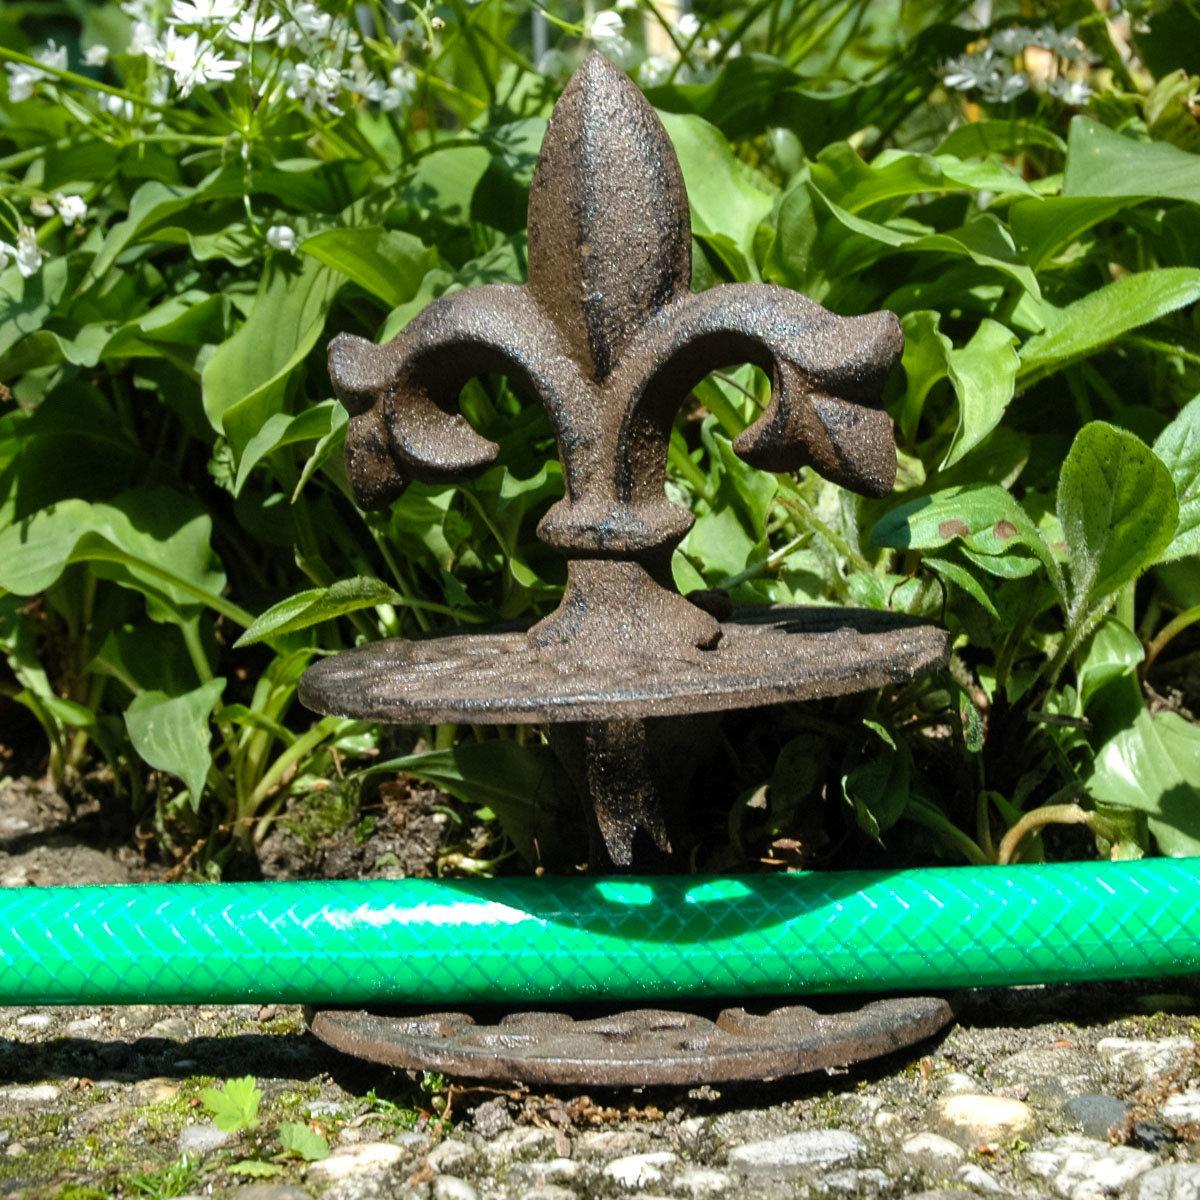 Gartenschlauchführung Nostalgie, Gusseisen | #3